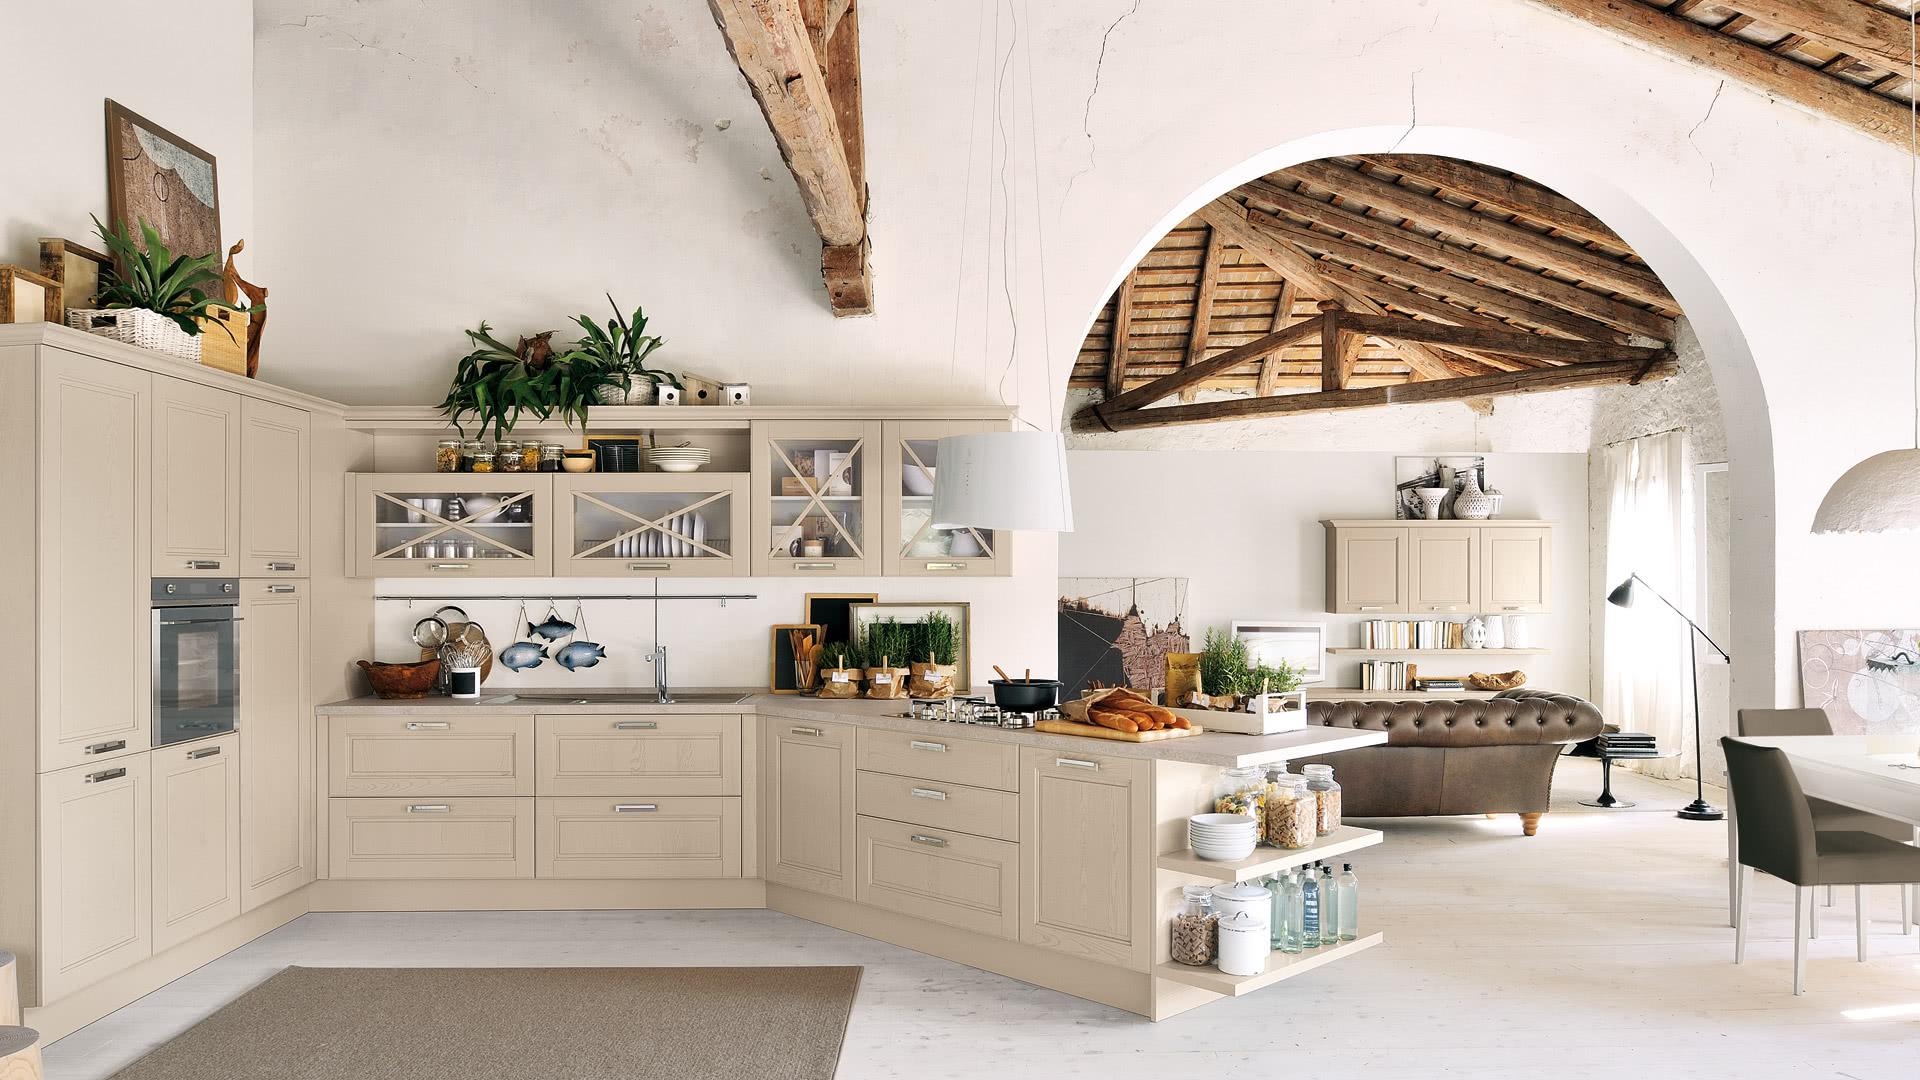 Cucine Classiche Arredo Cucina Classica Cucine Lube